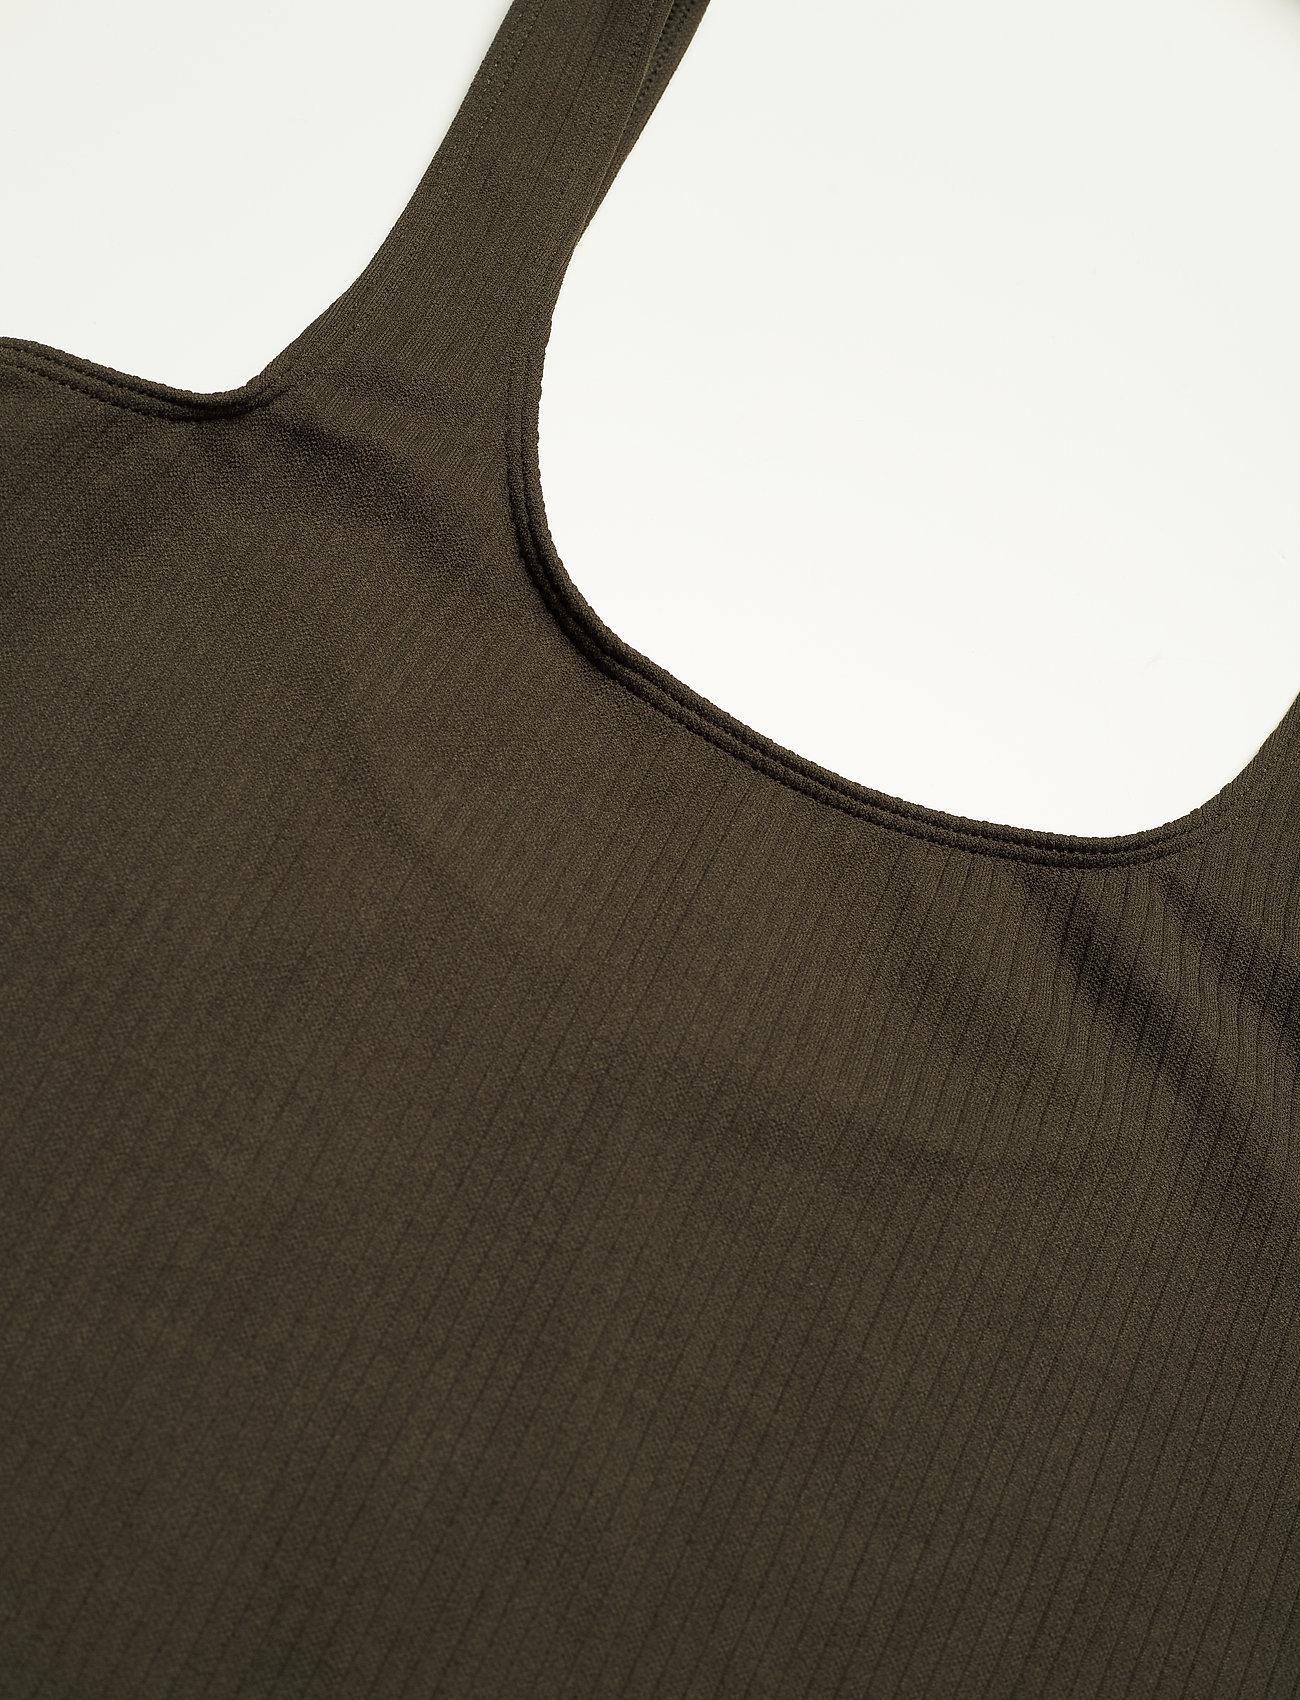 Khaki Ribbed Seamless Singlet (Khaki) (35 €) - AIM'N ecWHx